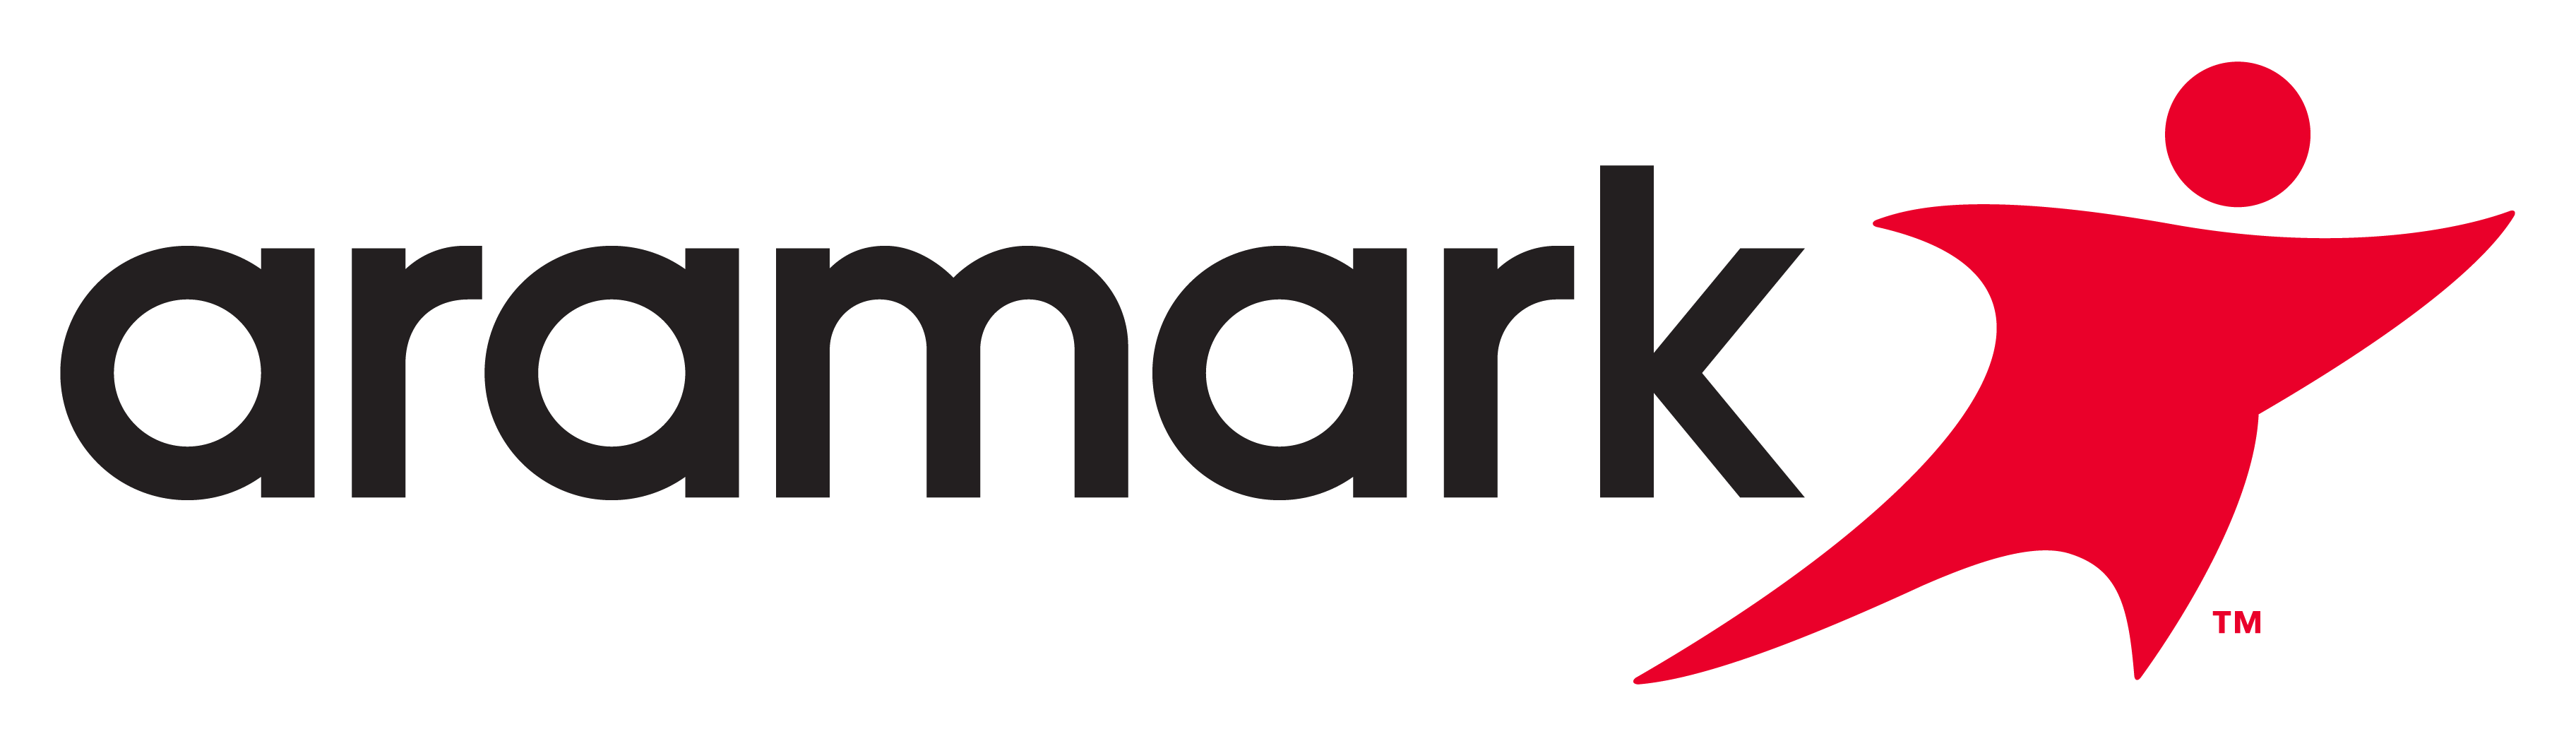 Aramark Logo PNG Transparent.